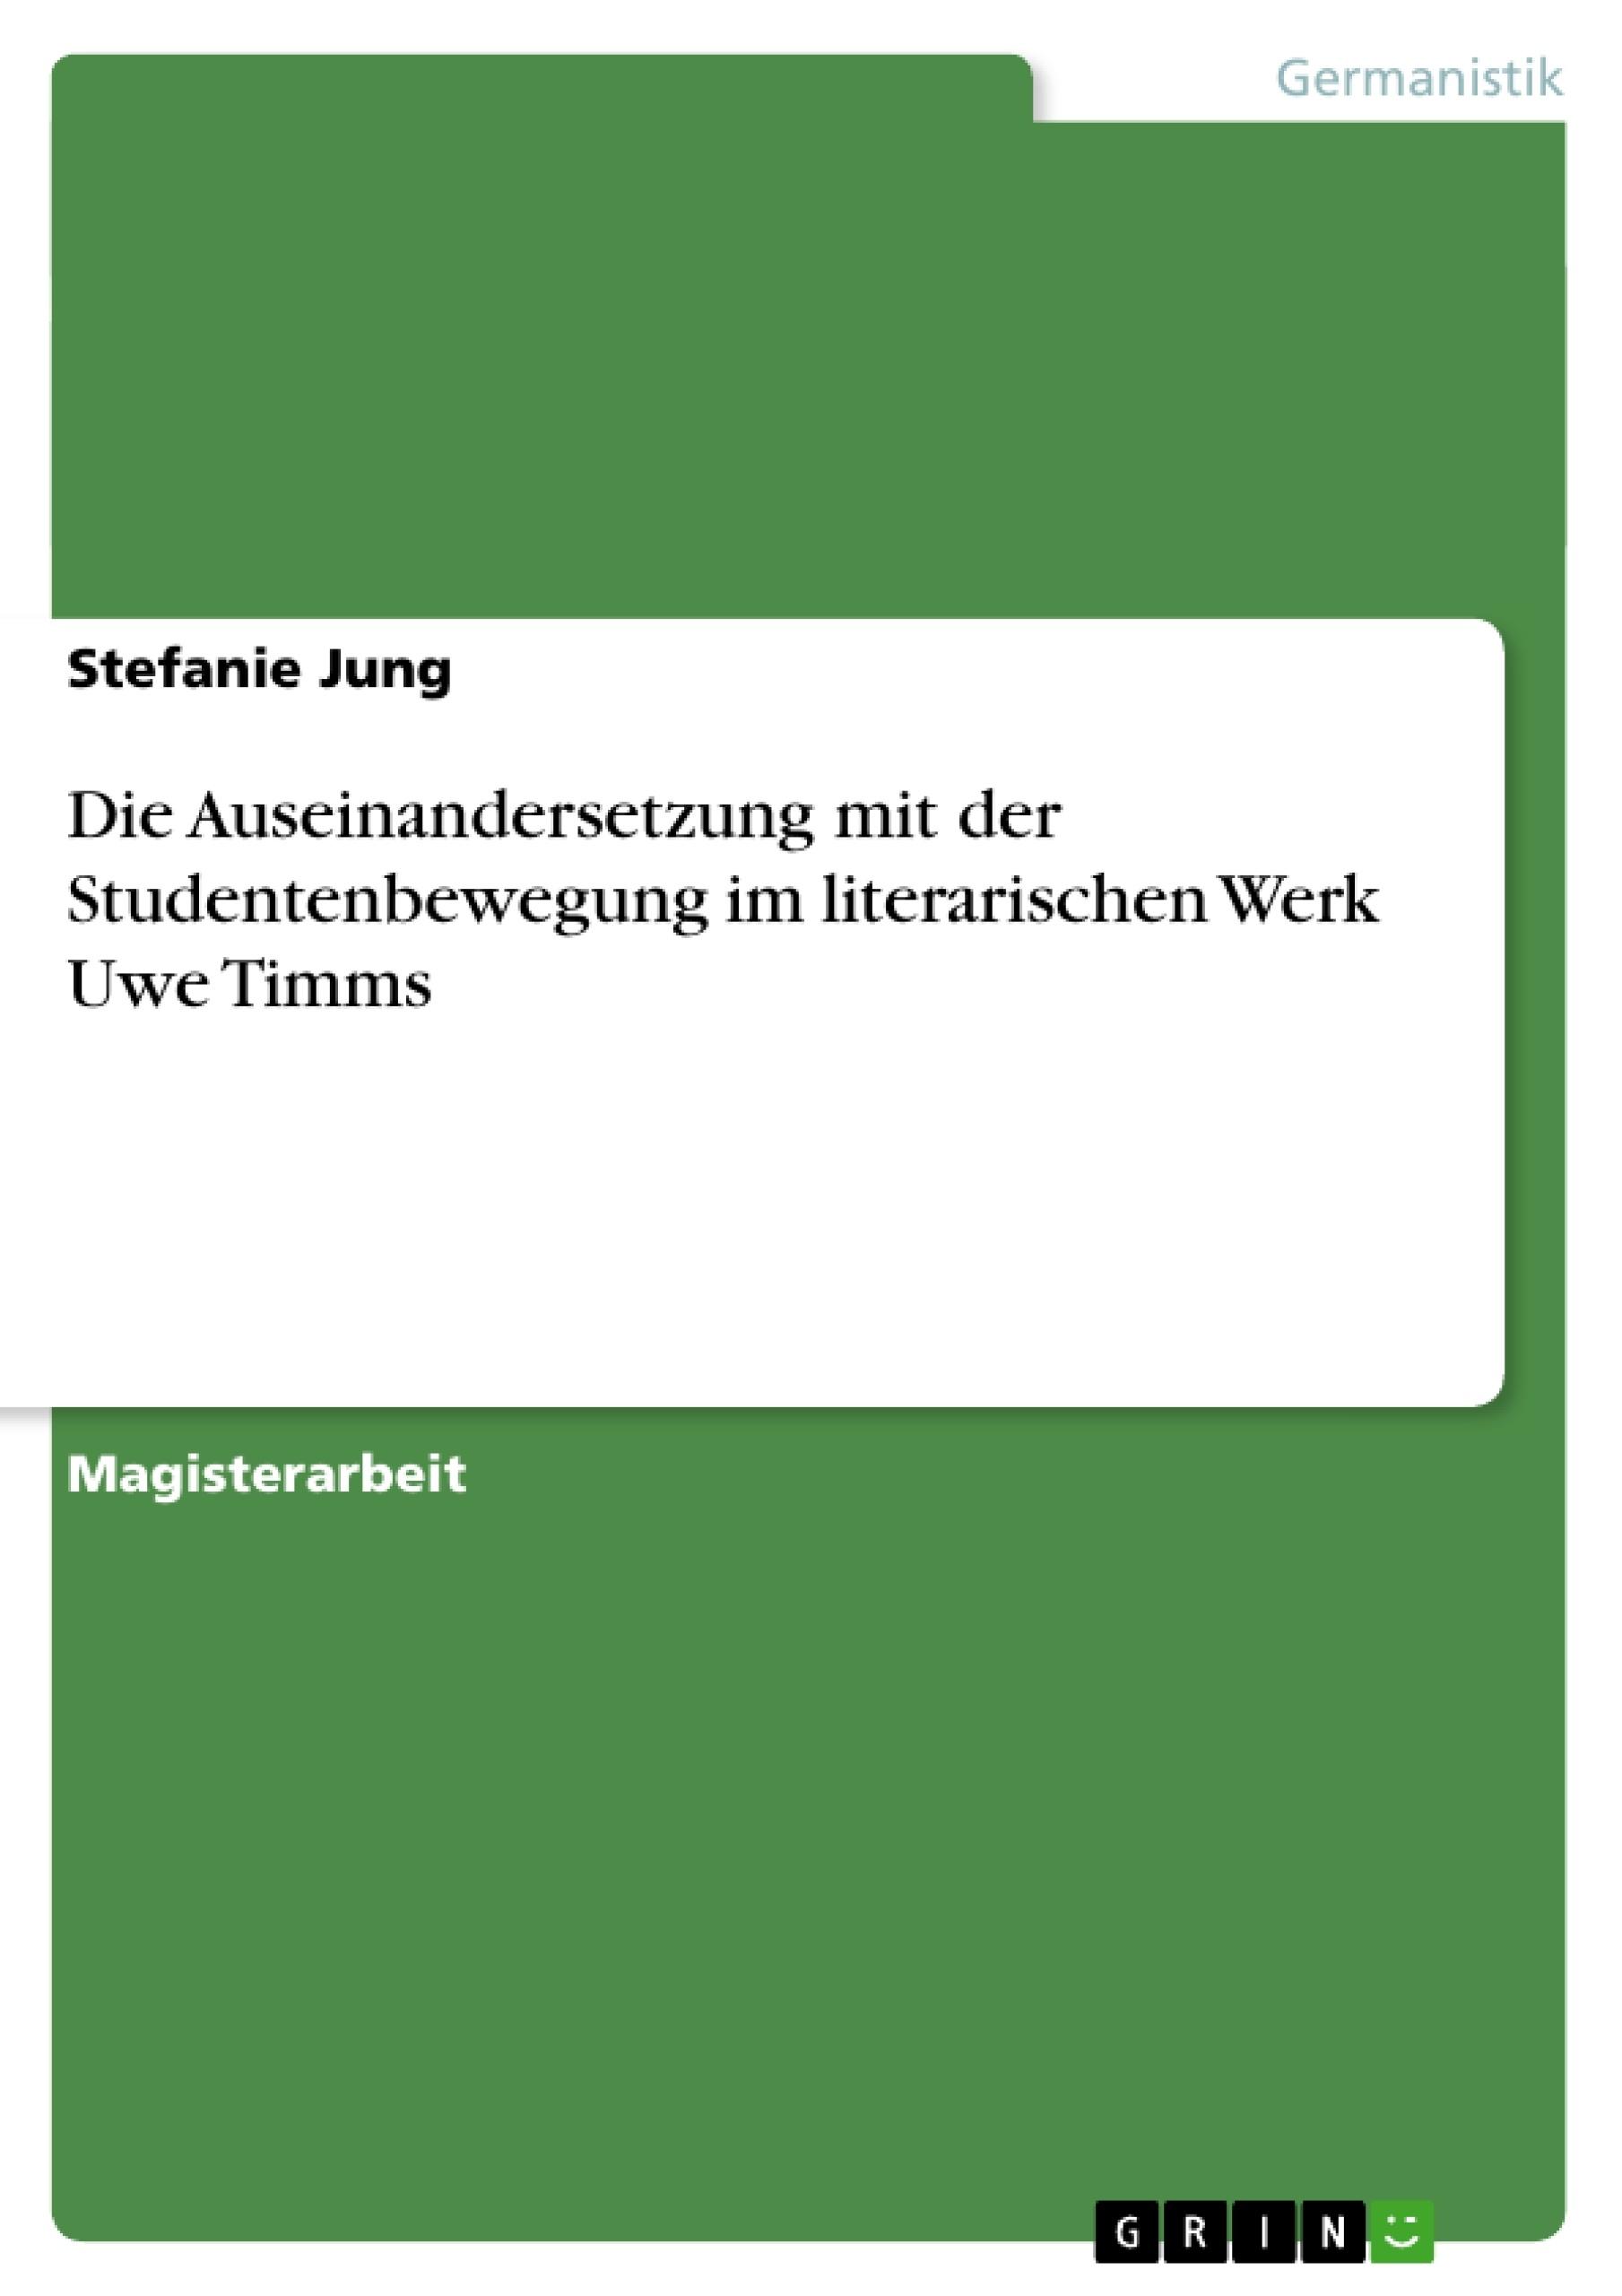 Titel: Die Auseinandersetzung mit der Studentenbewegung im literarischen Werk Uwe Timms